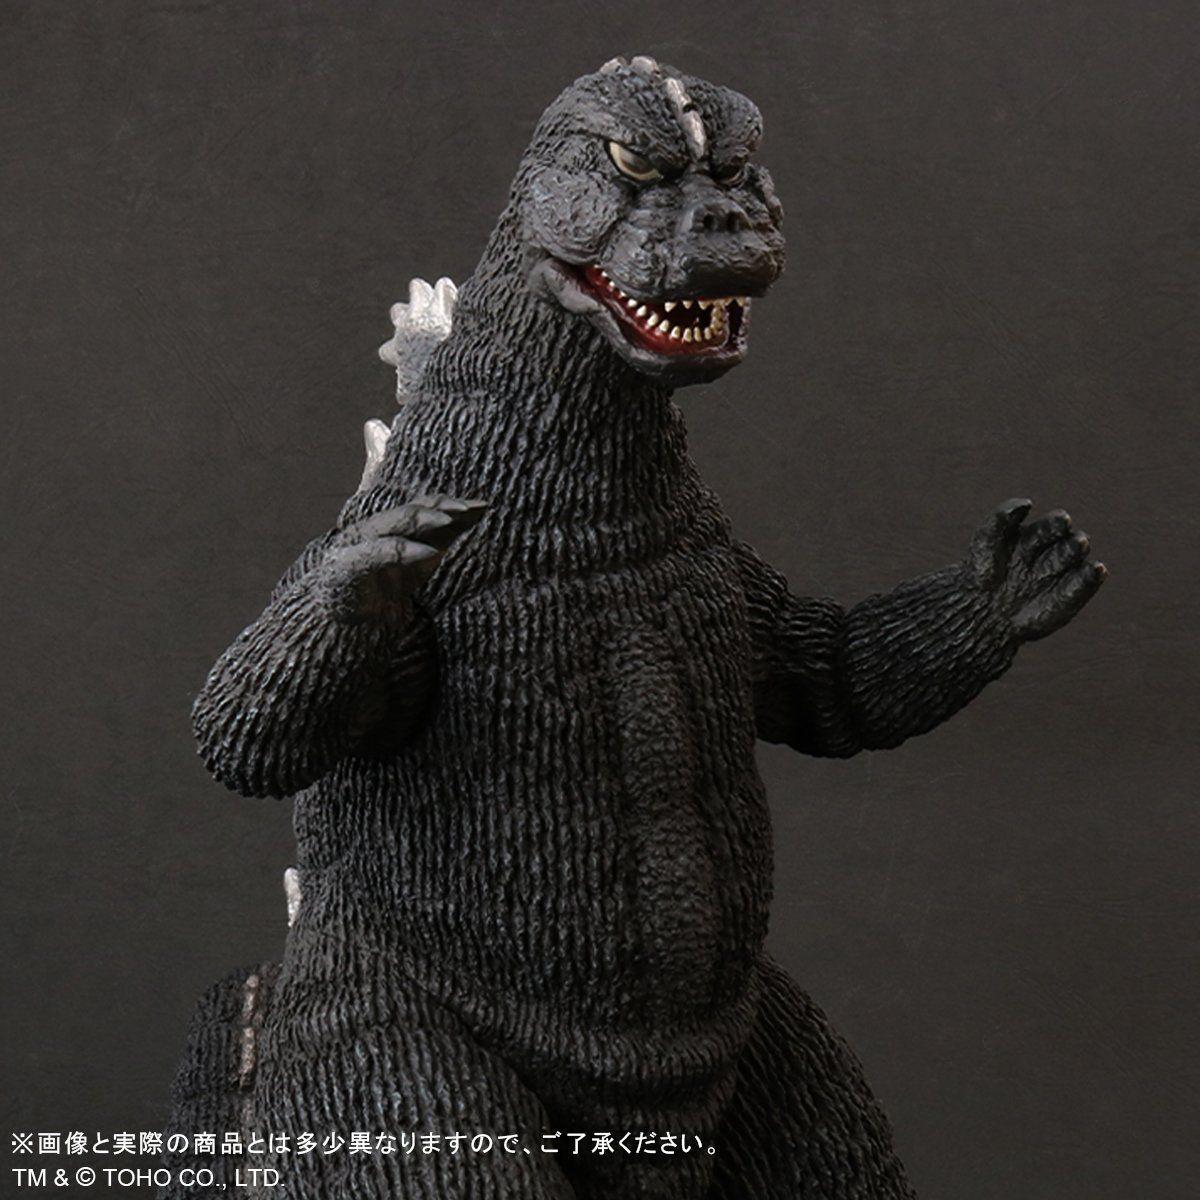 東宝30cmシリーズ『ゴジラ(1975)発光Ver.』メカゴジラの逆襲 完成品フィギュア-008